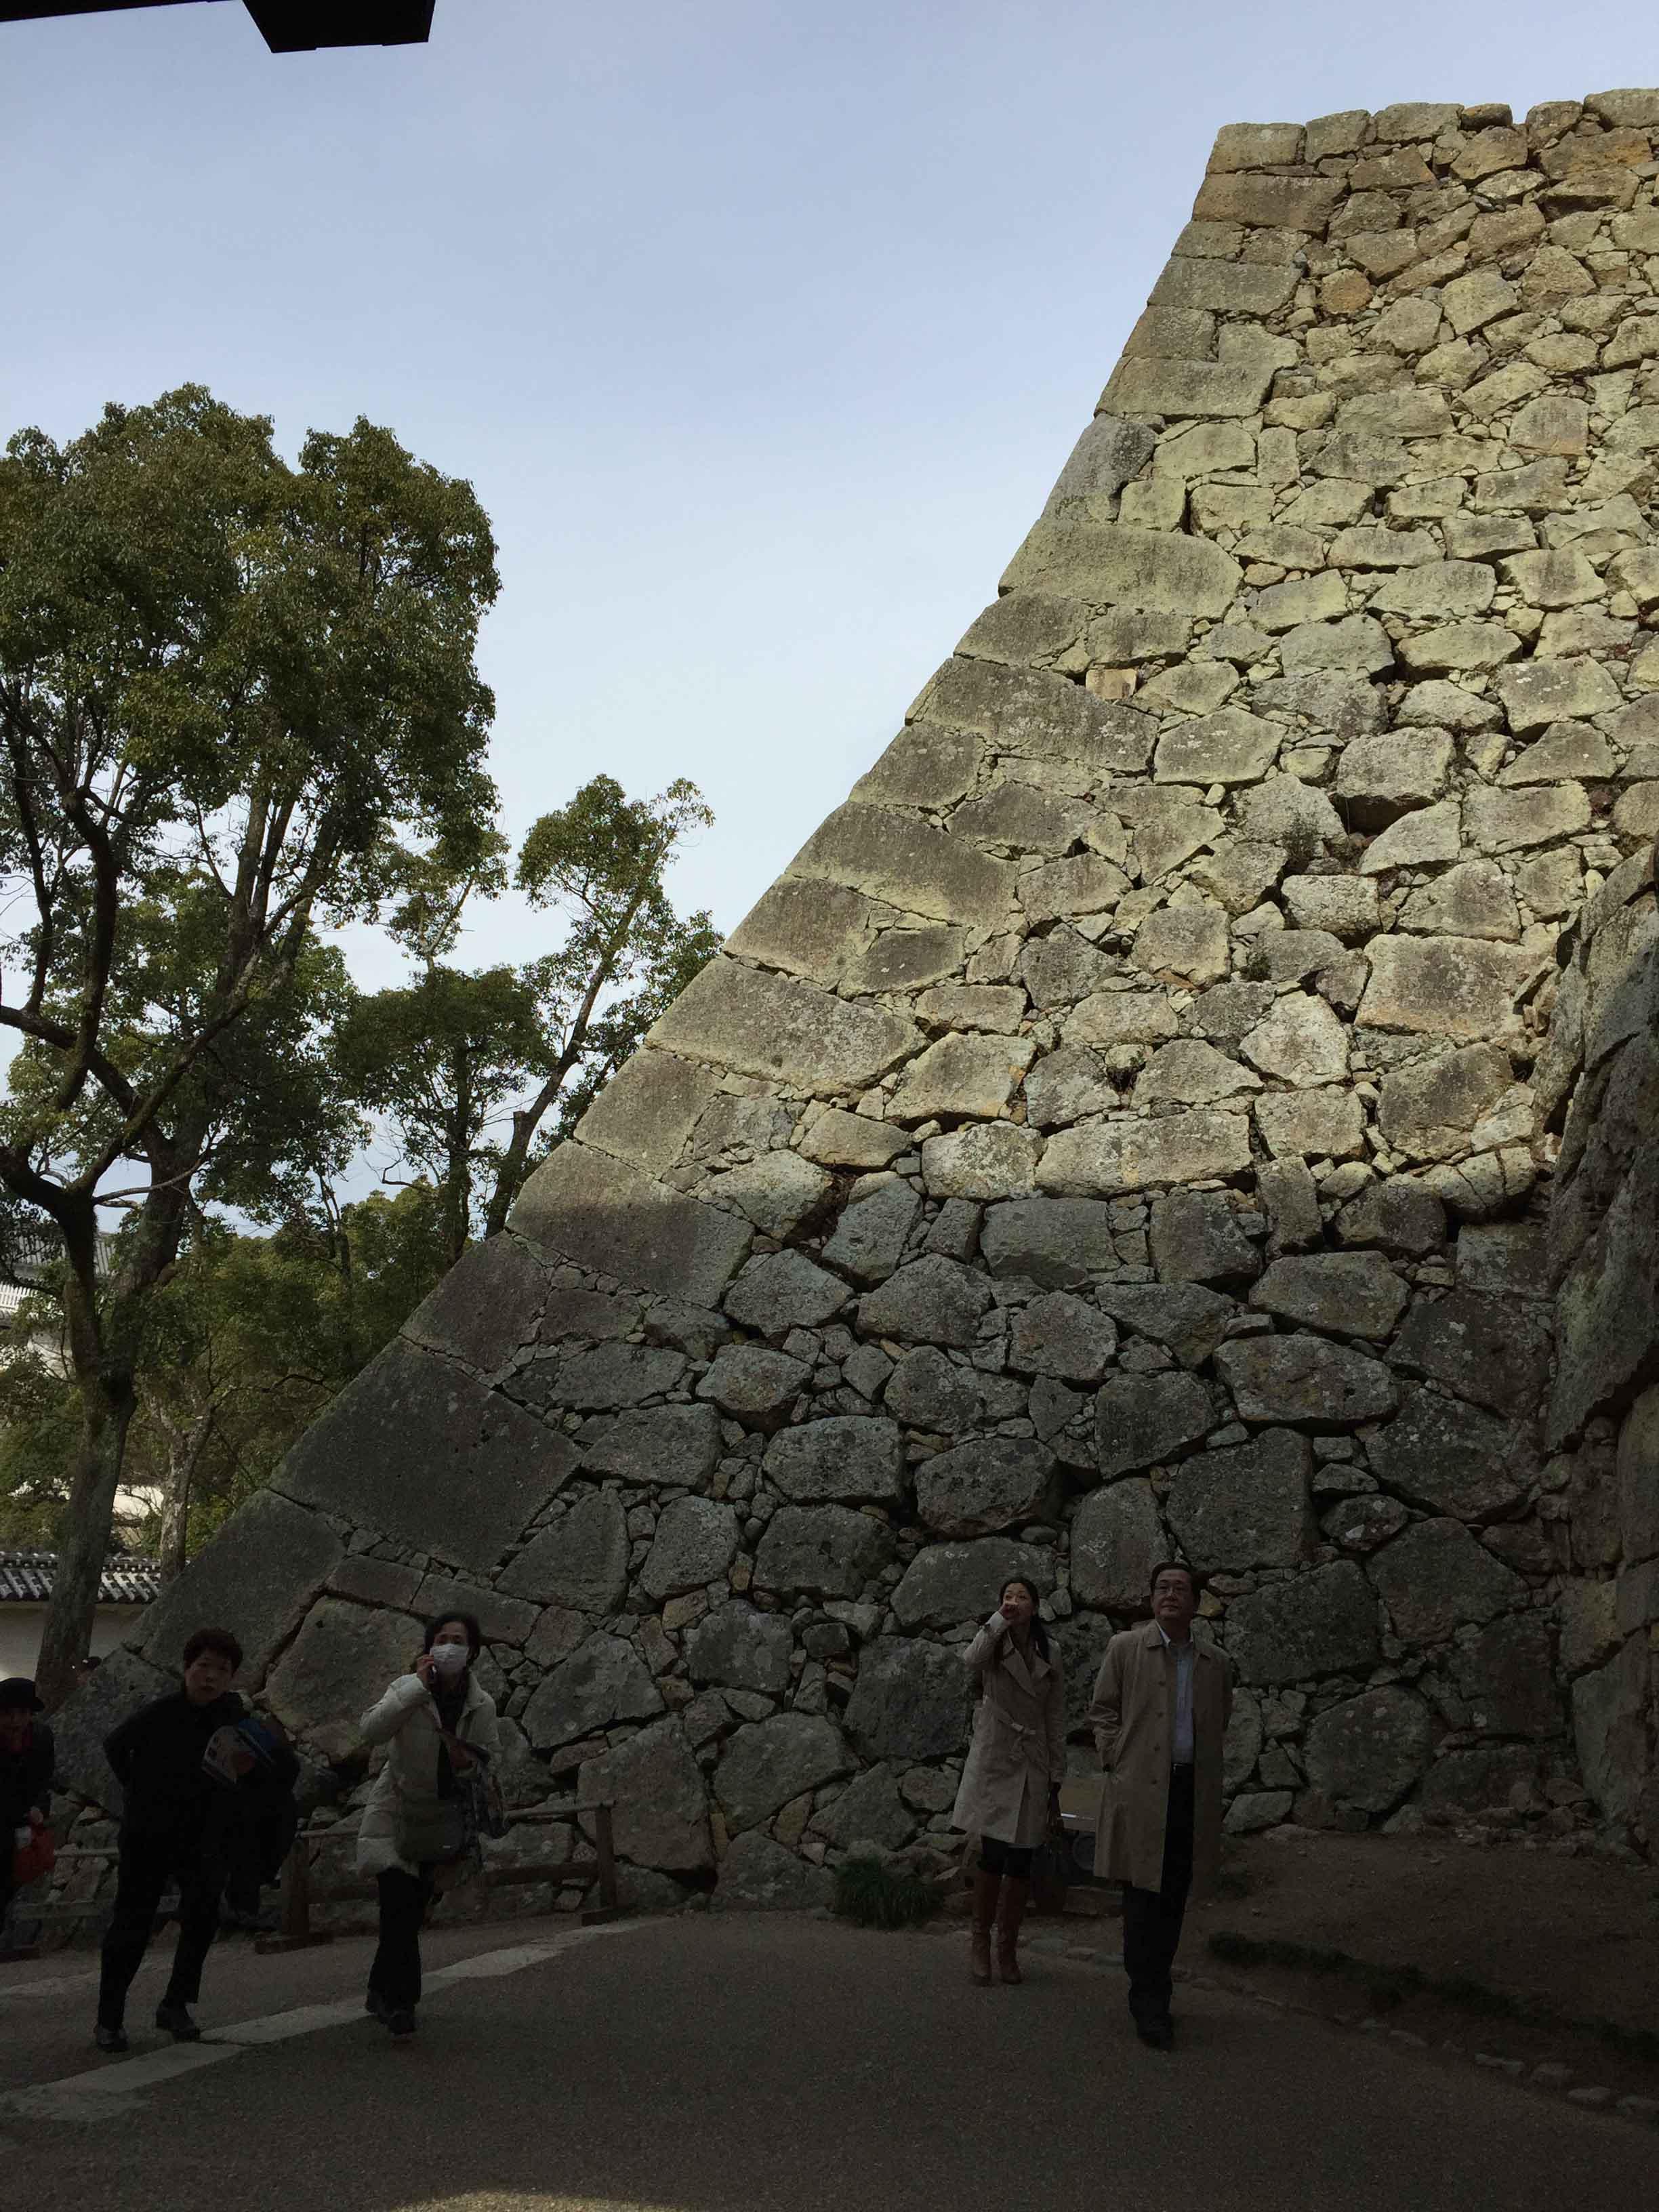 扇形斜面的「石垣」,以敲打接方式建造,不規則大石間縫填滿小石塊